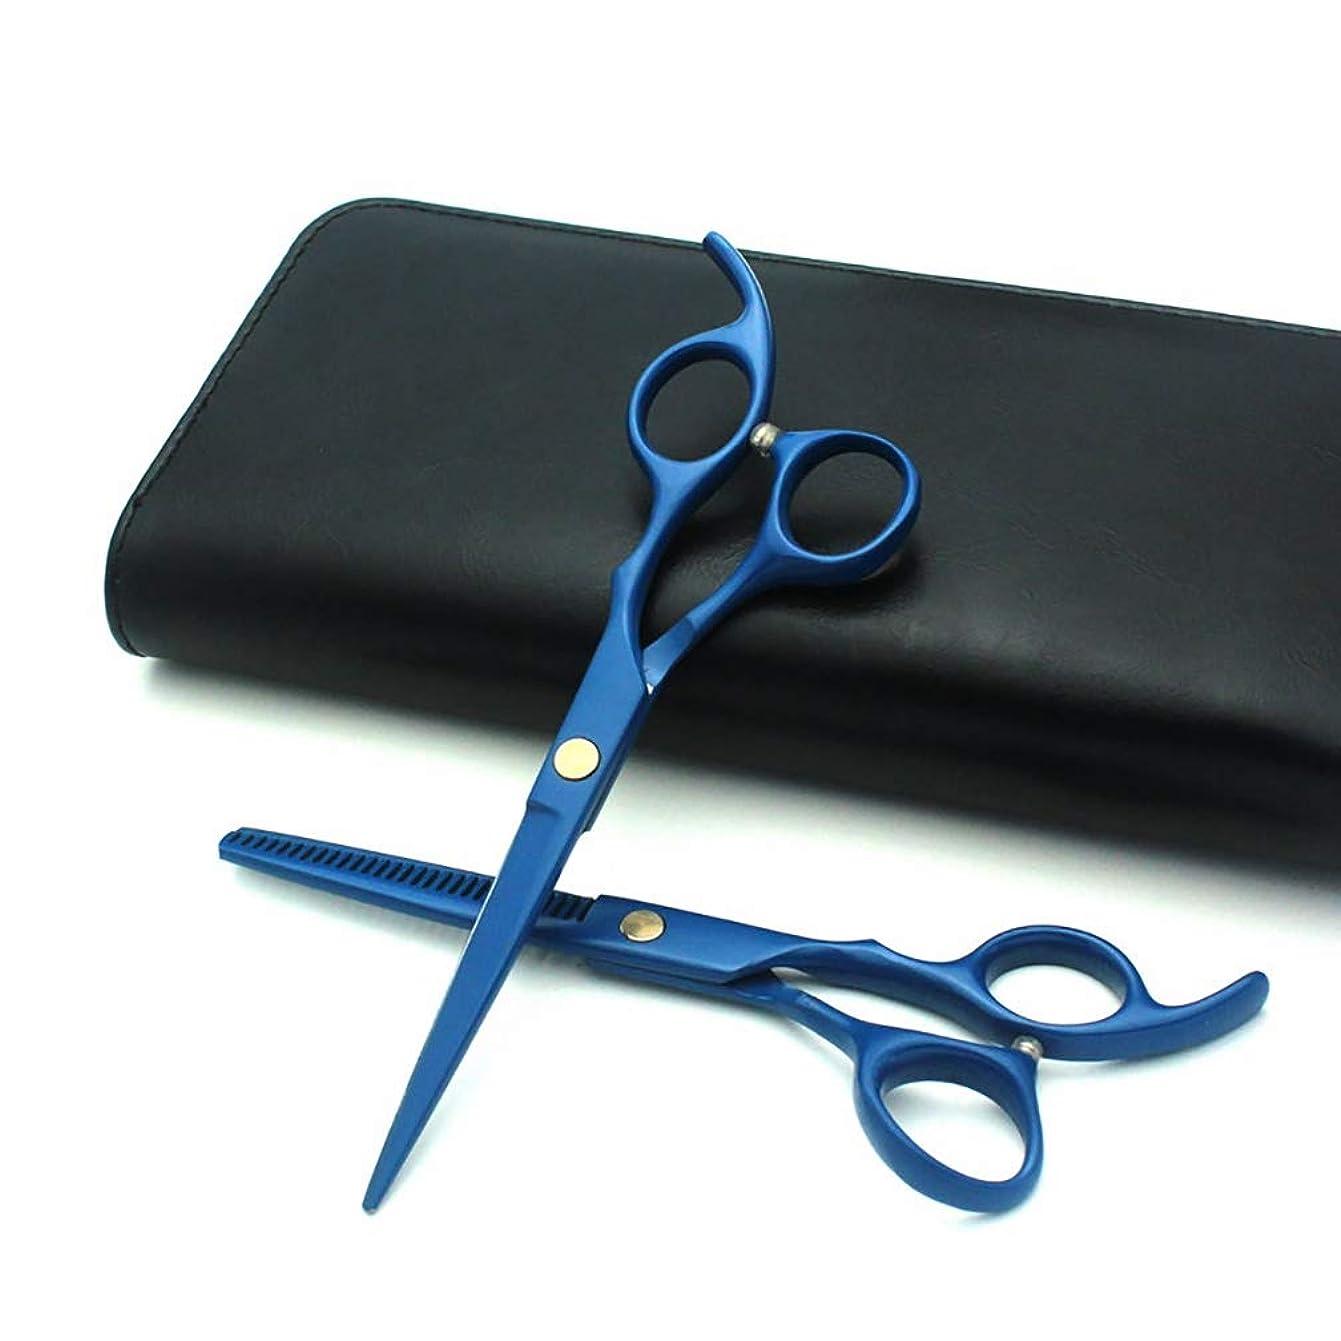 ポータブル食物達成可能ヘアカットはさみ、プロの理髪はさみ ステンレス鋼のかみそりの刃、6インチの理髪はさみ,Blue